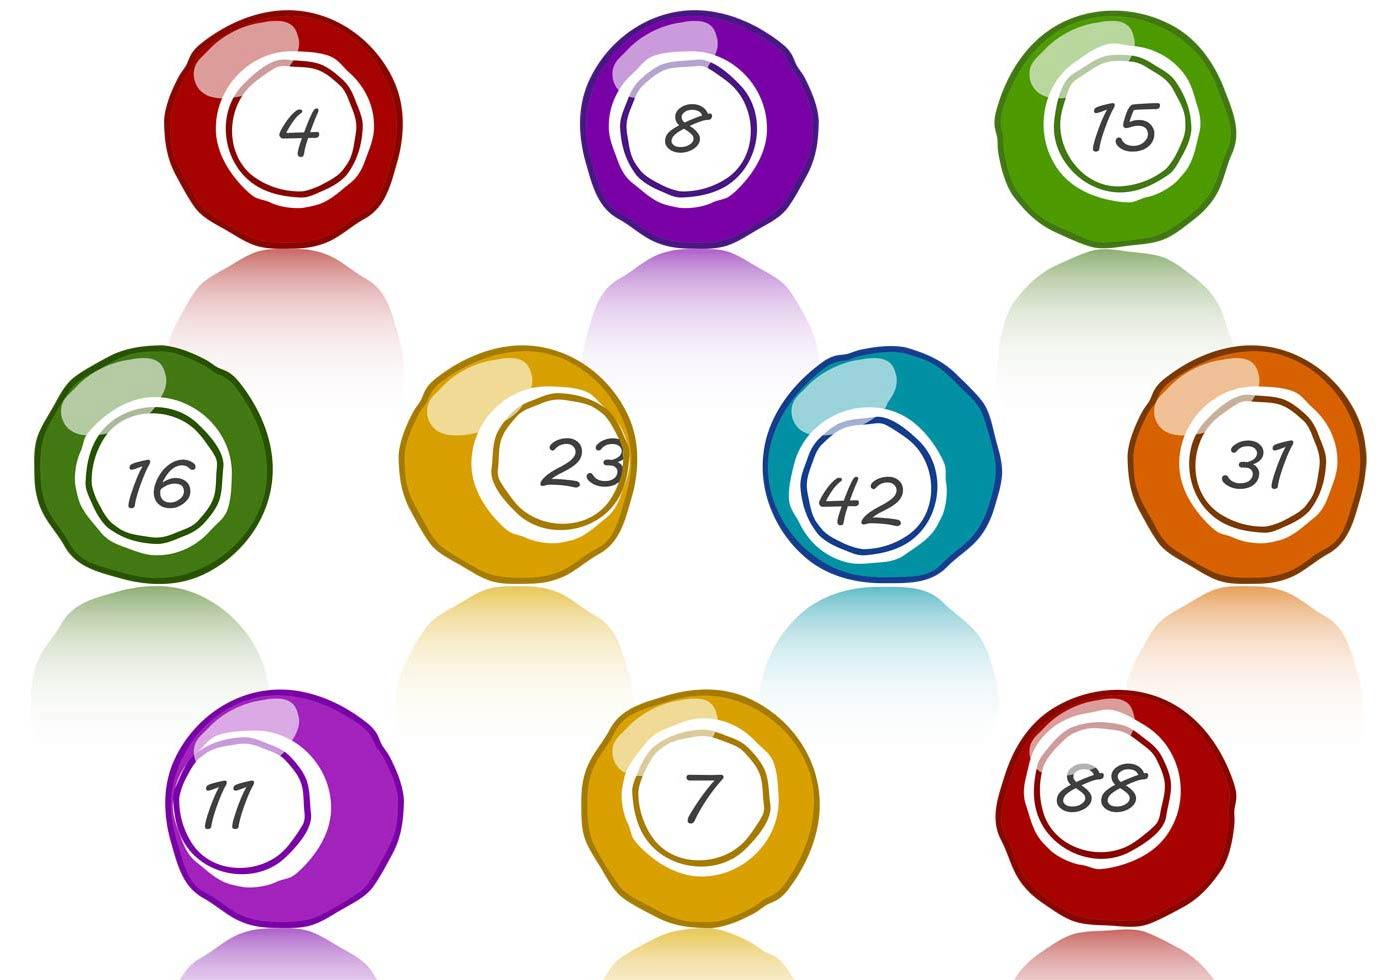 Red ball roundup keno game